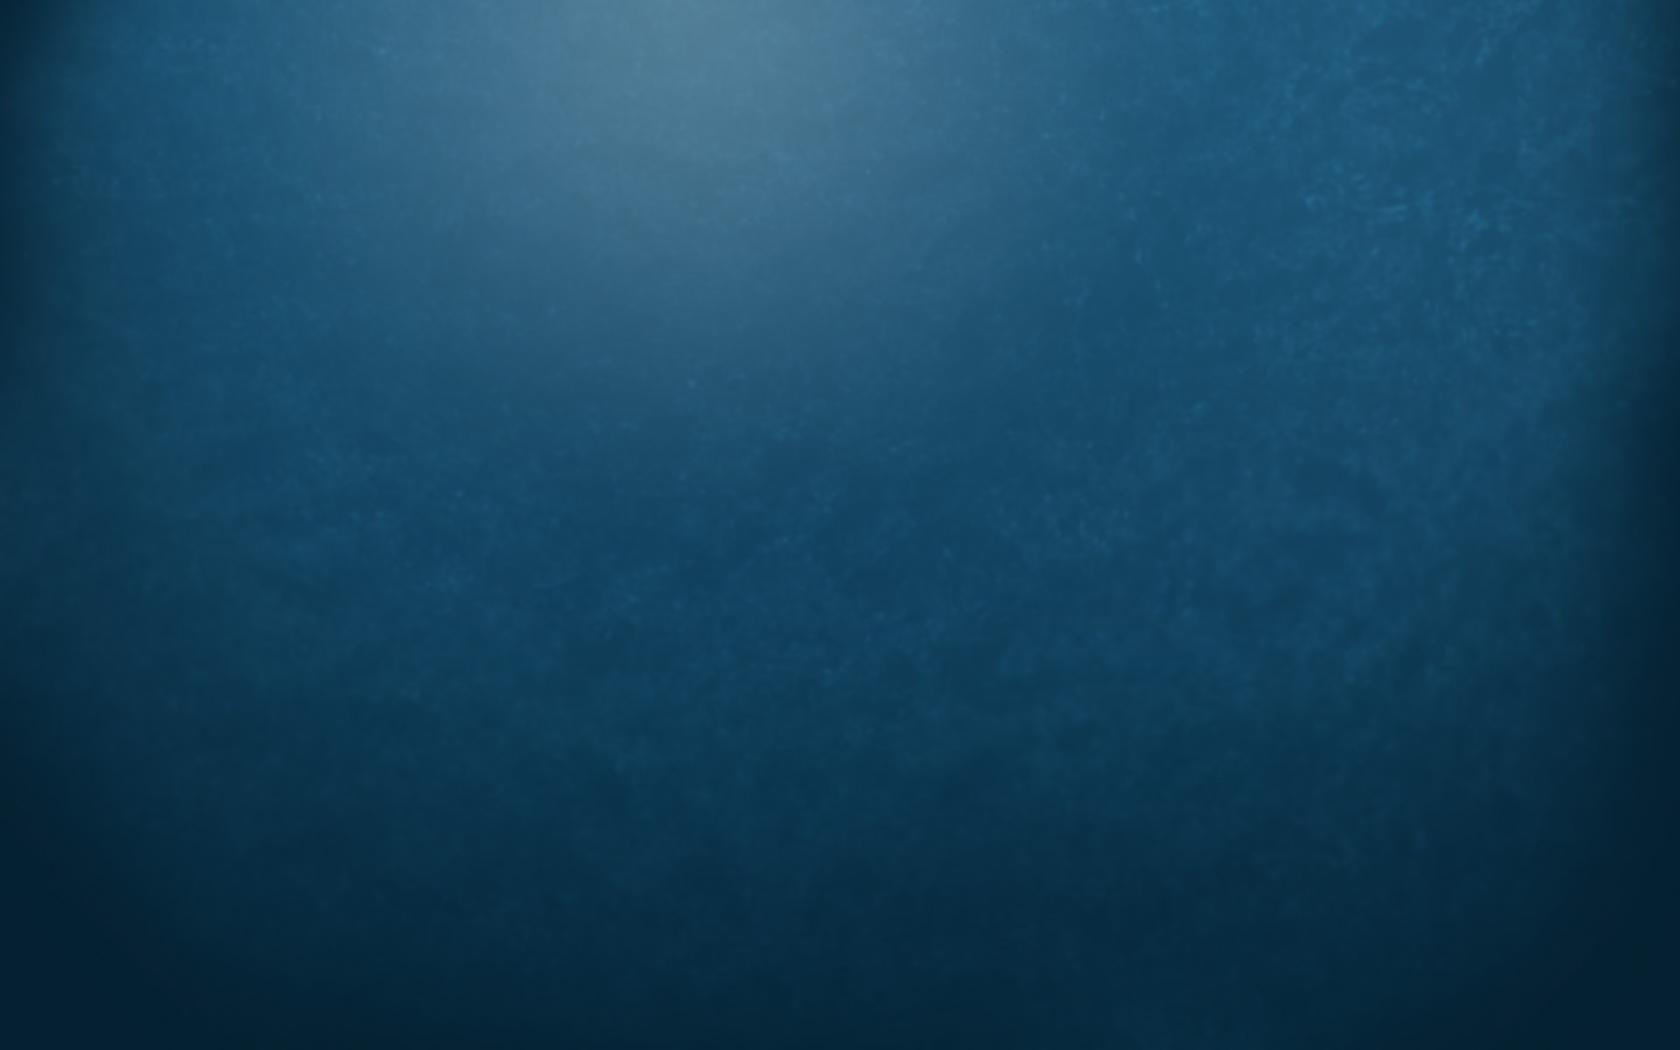 1680x1050 Abstract Blue Gradient Desktop Wallpaper Wallpapers